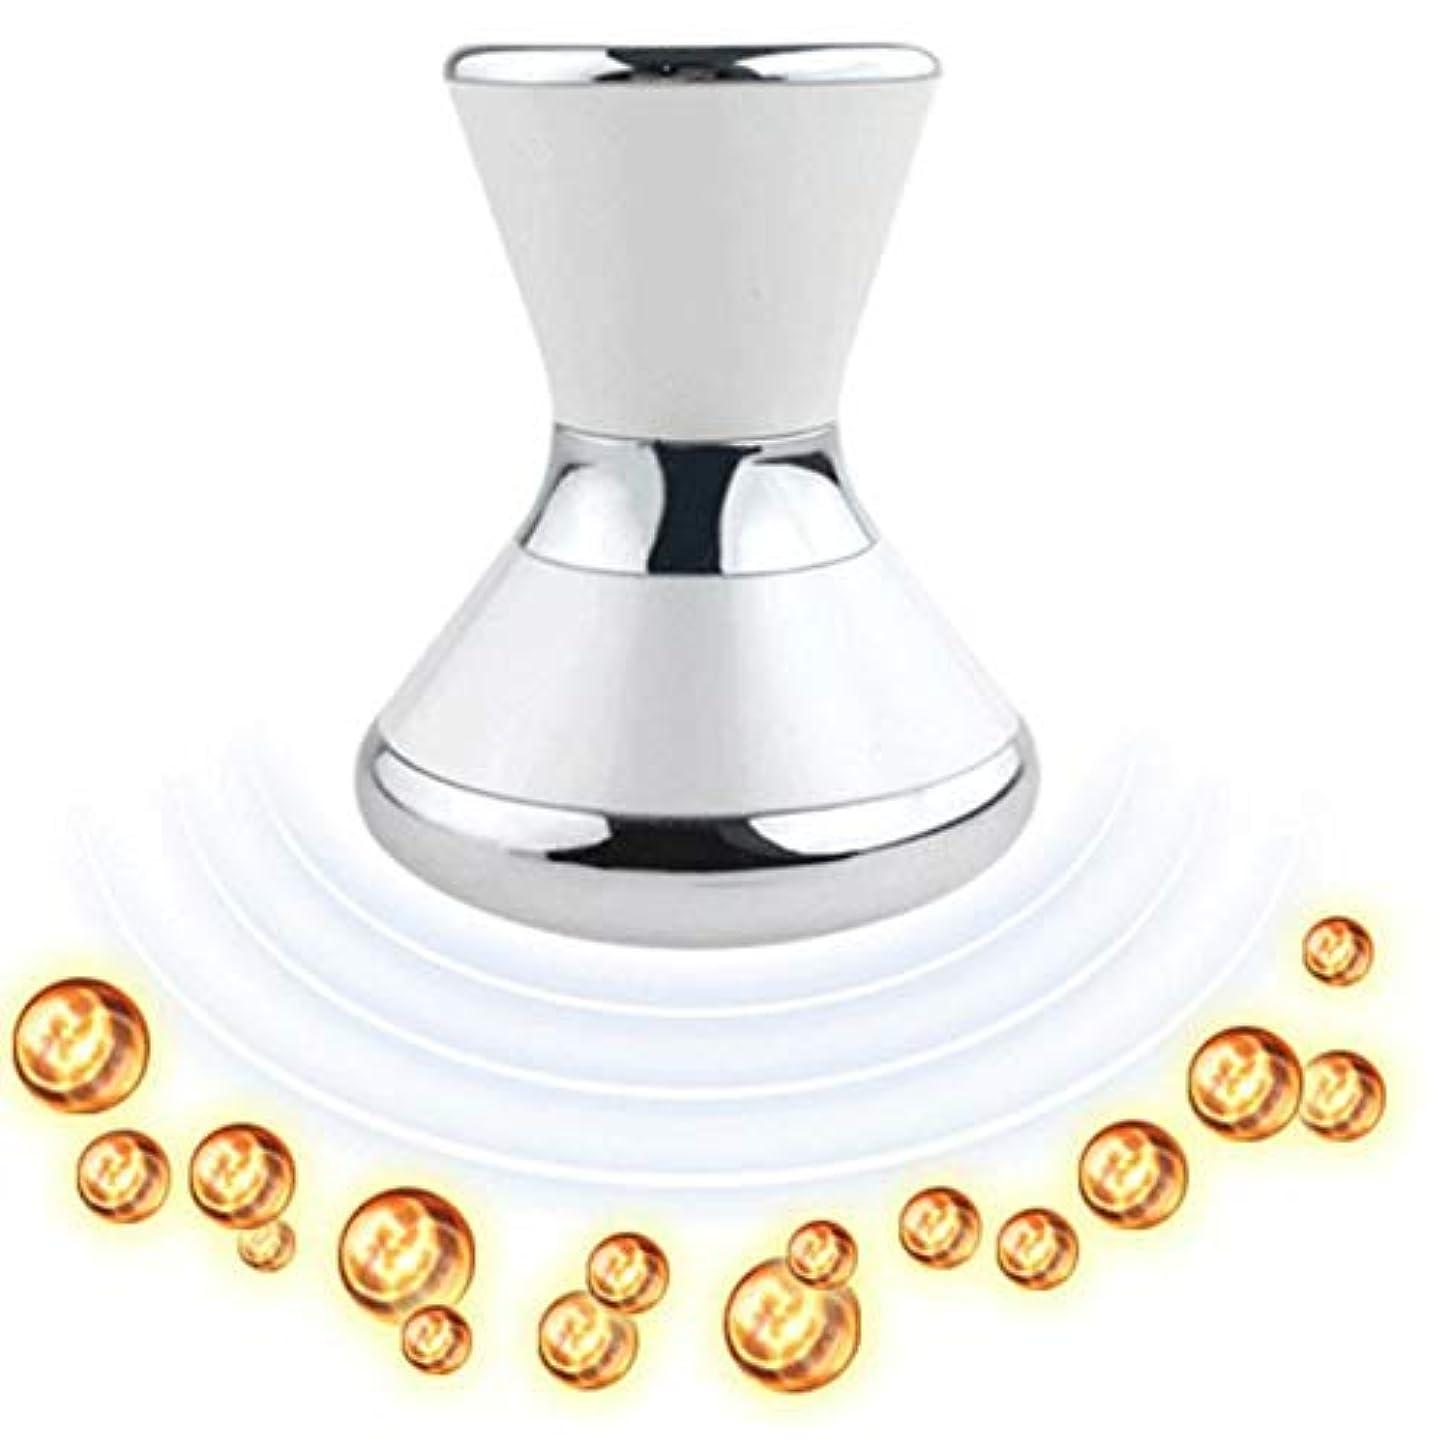 フレッシュパパグローブ磁気振動美容マッサージ器具、吸収磁気療法フェイシャルマッサージャー美容スキンケアデバイス,銀